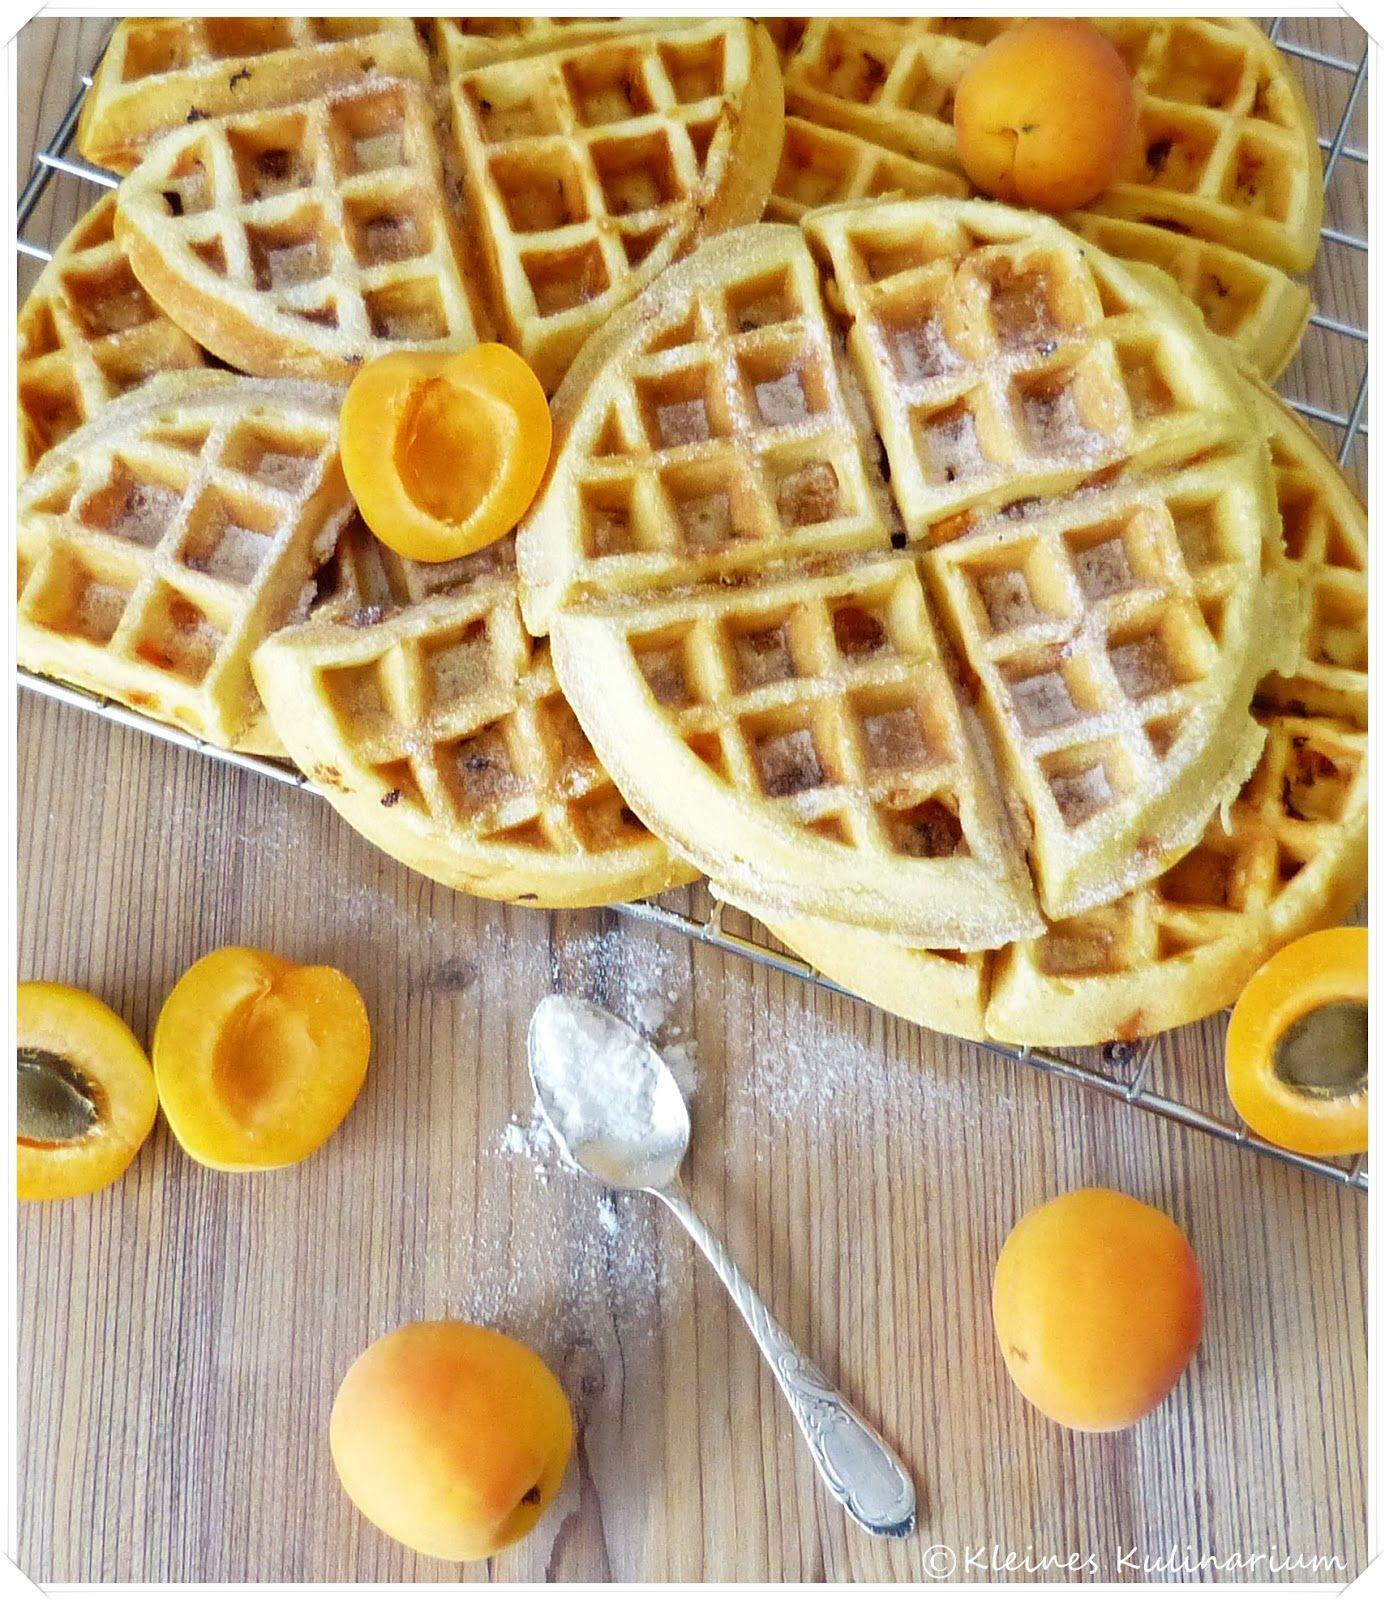 Süß, säuerlich und schön fluffig - so schmecken diese Aprikosen Buttermilch Waffeln. Kinderleicht und mit einem Klecks Sahne genau richtig